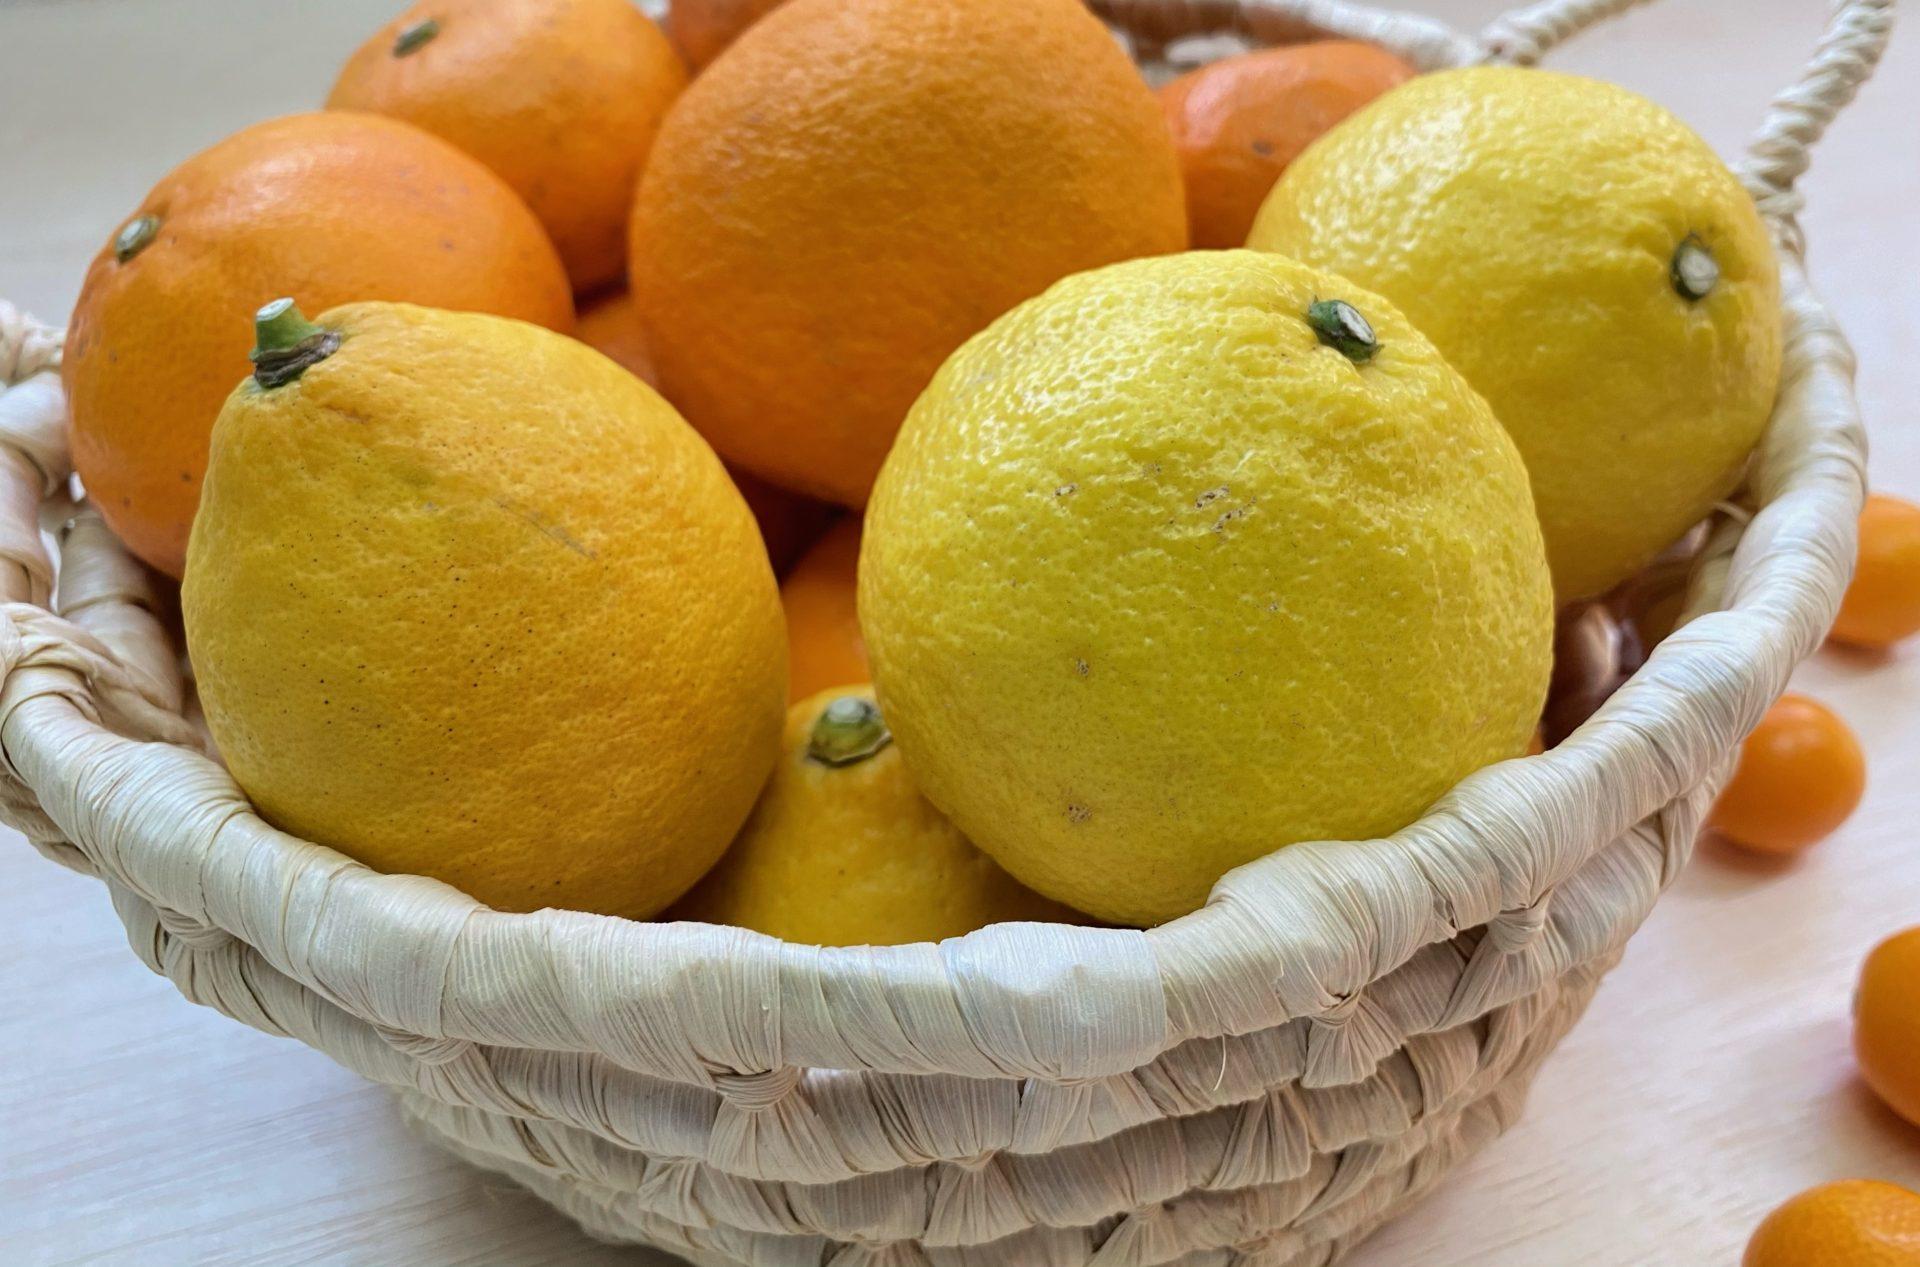 ベジかけるセレクト!春の柑橘セット